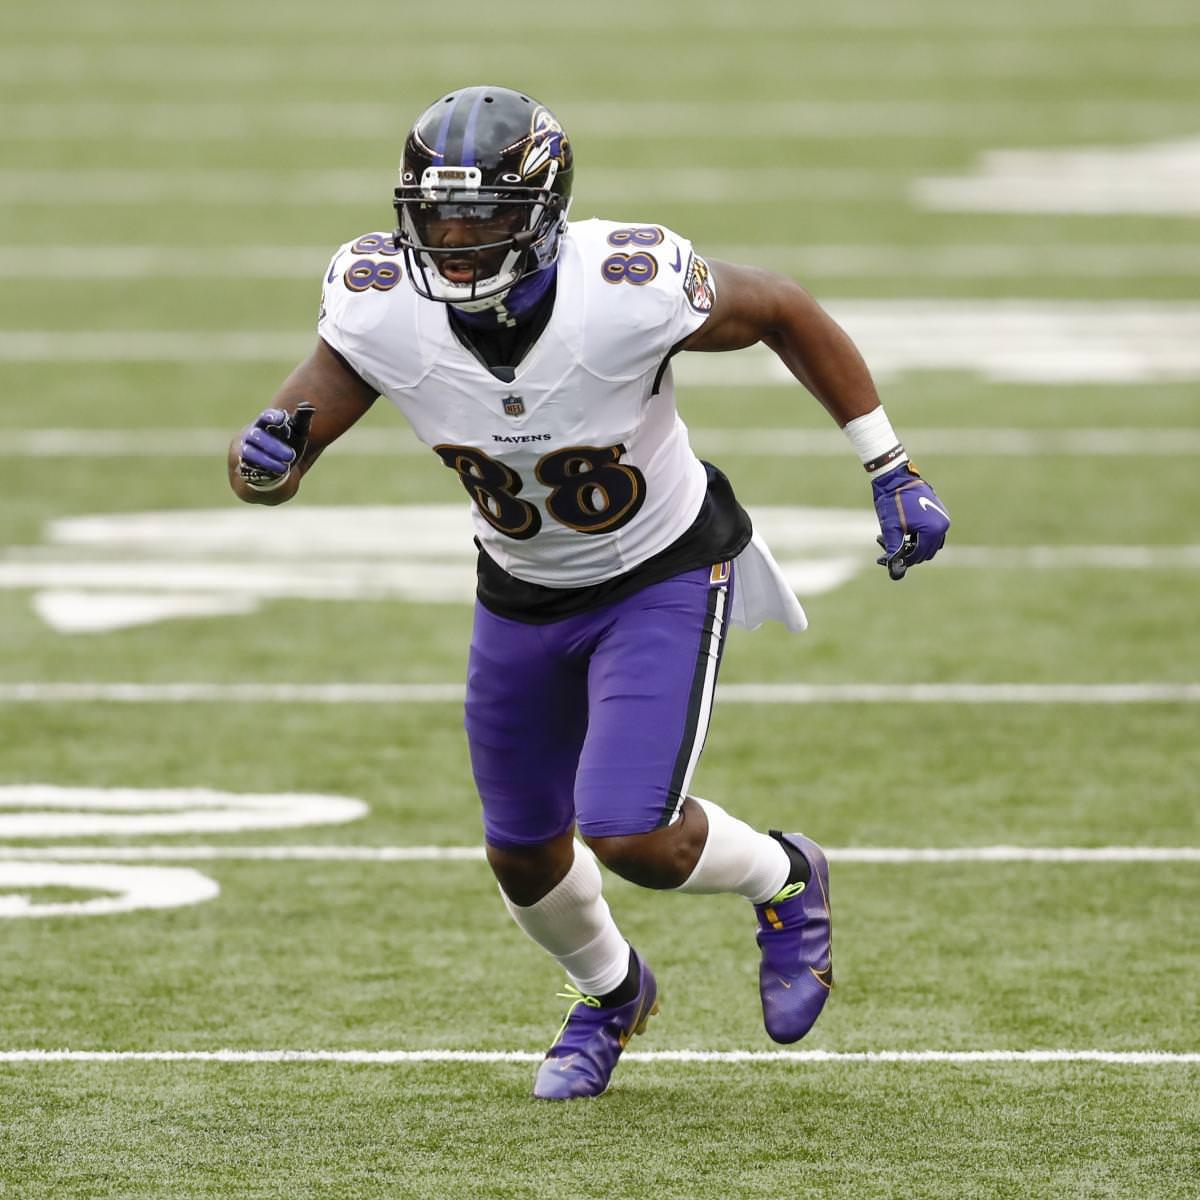 Dez Bryant apóia Lamar Jackson dos Ravens: as críticas começam a 'me irritar'